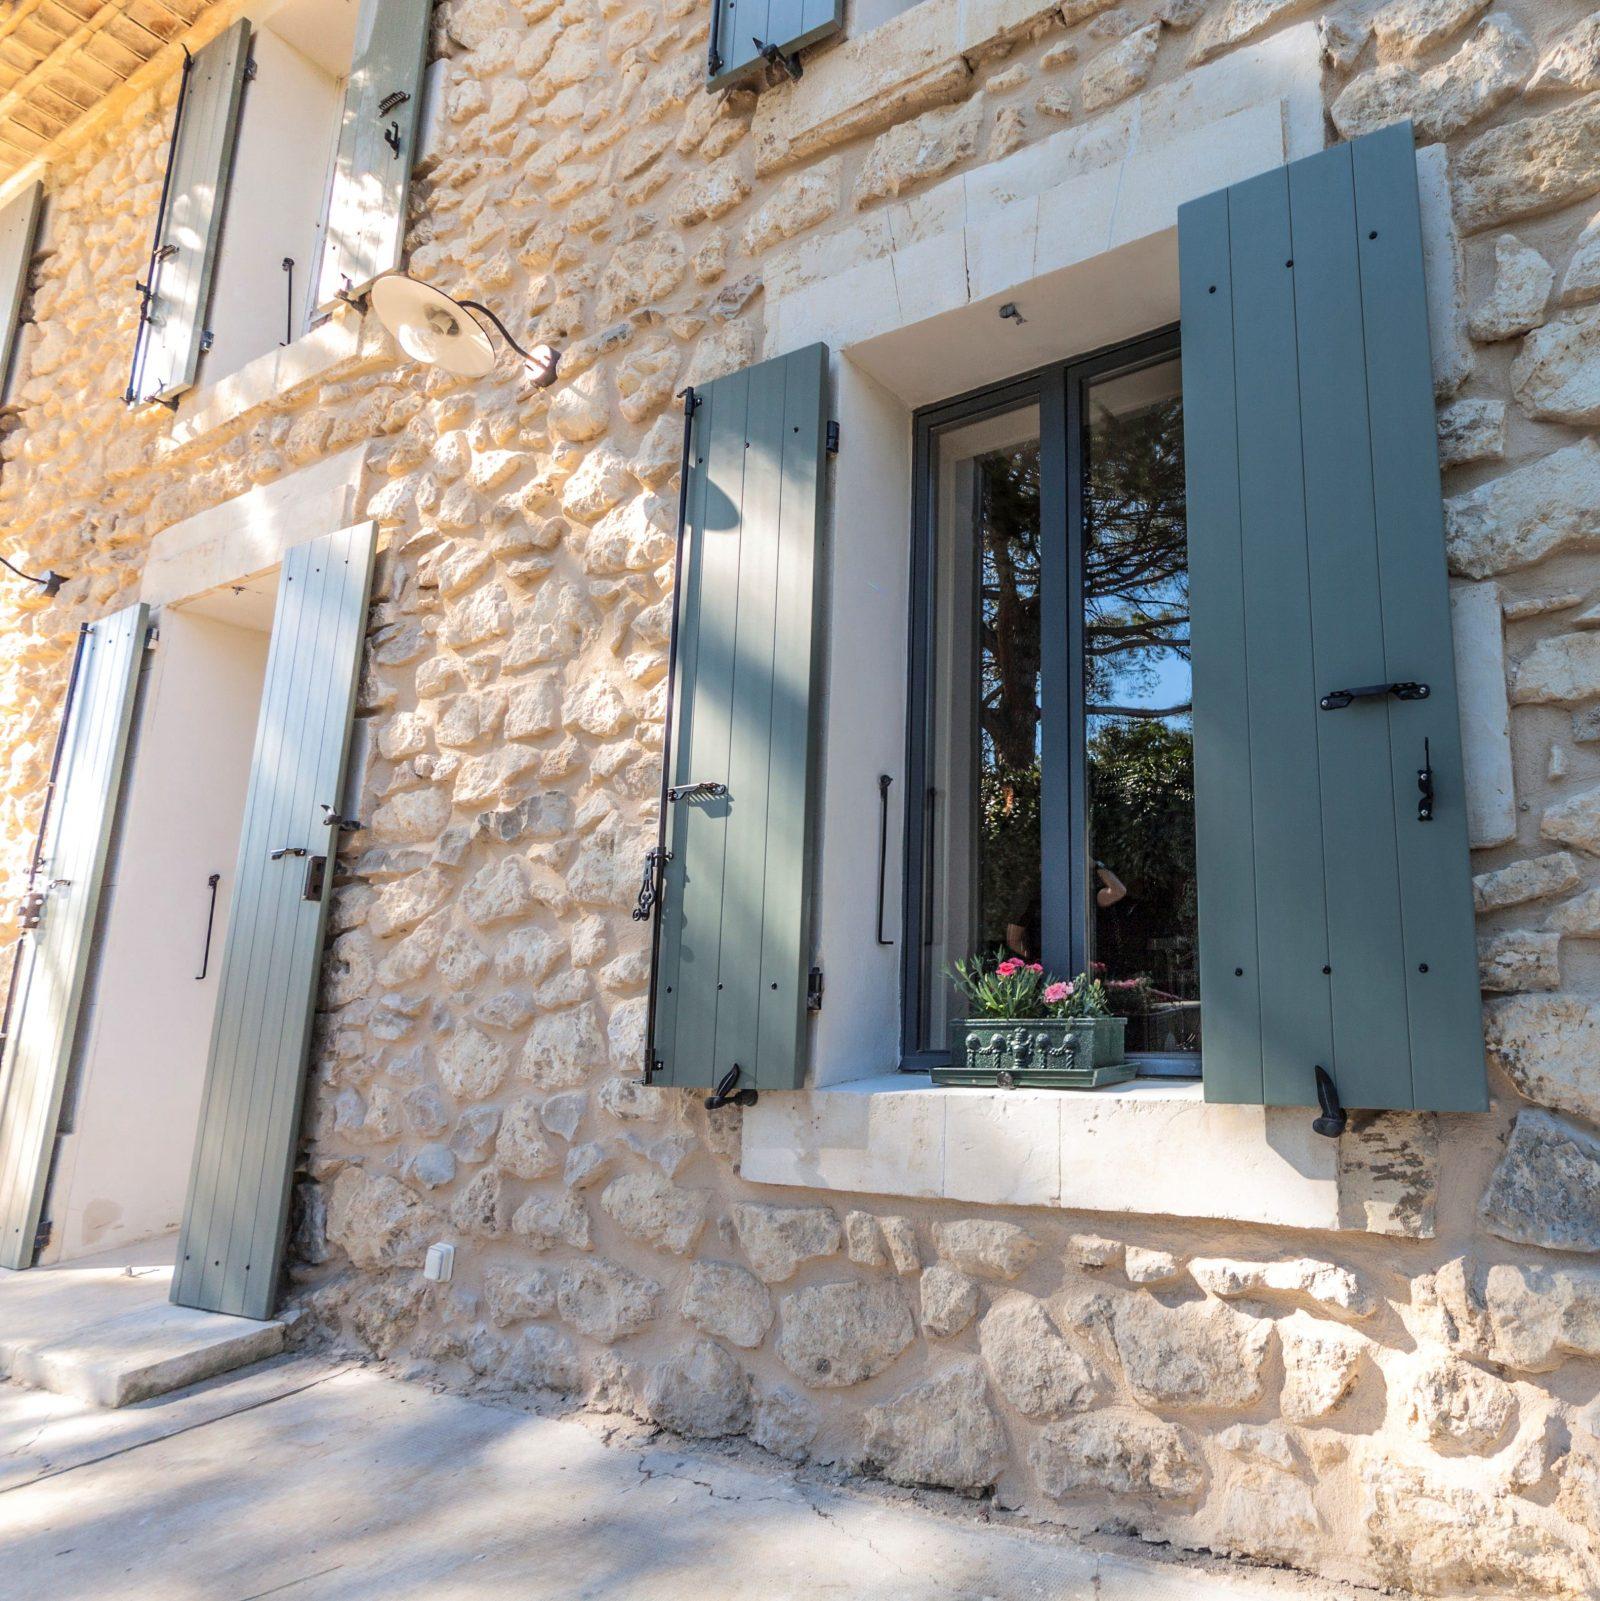 Volets droits maison Polyuréthane isolant projet de renovation